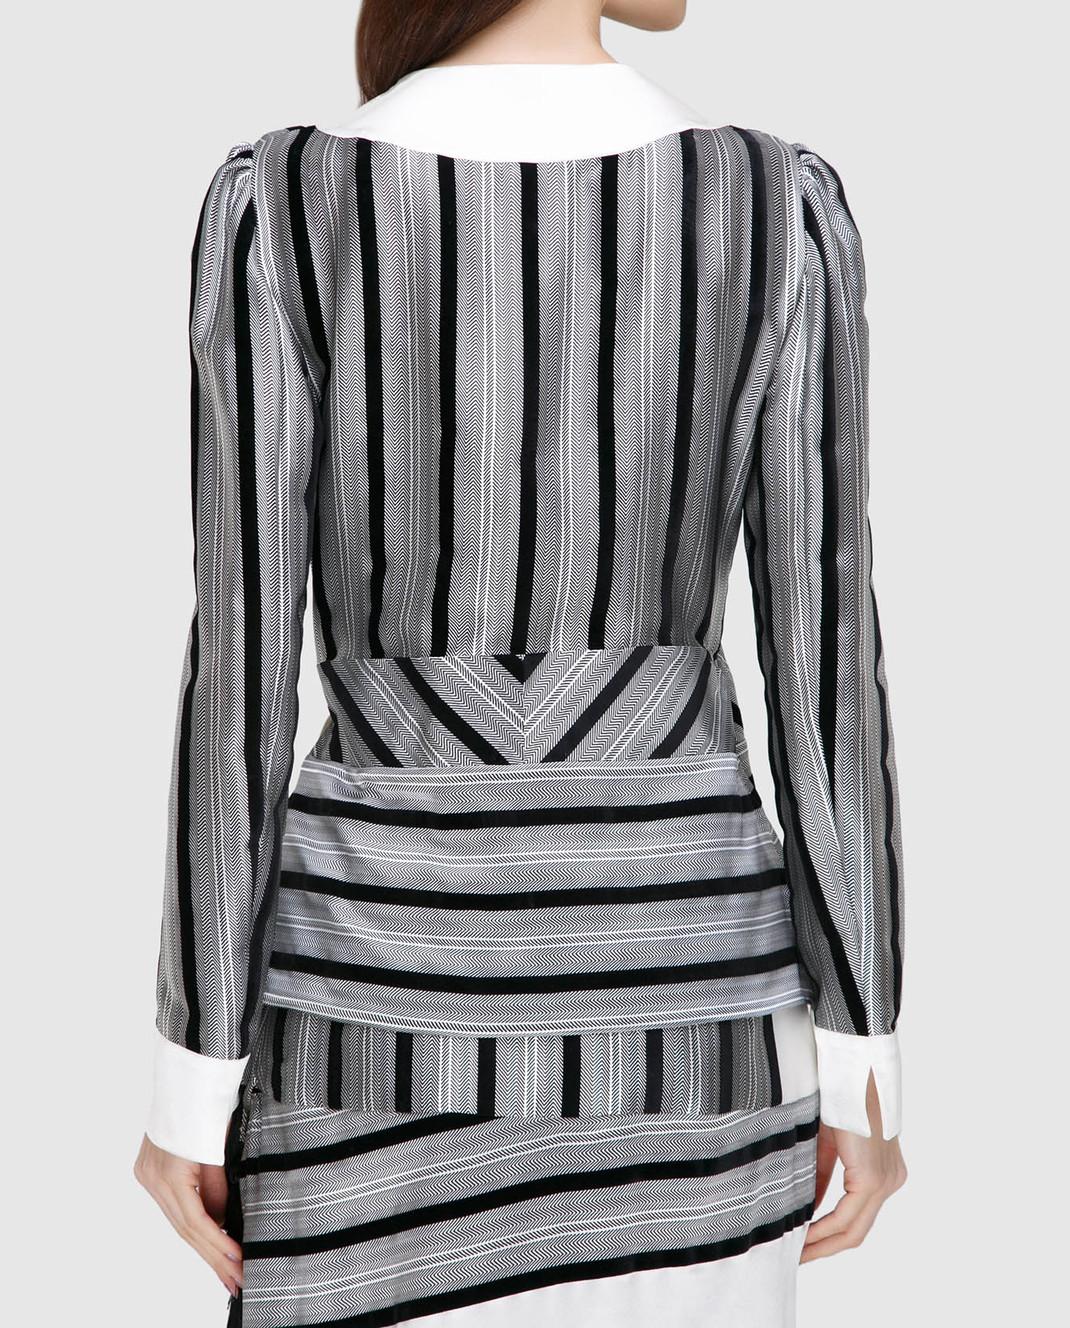 Etro Серая блуза из шелка D16097 изображение 4